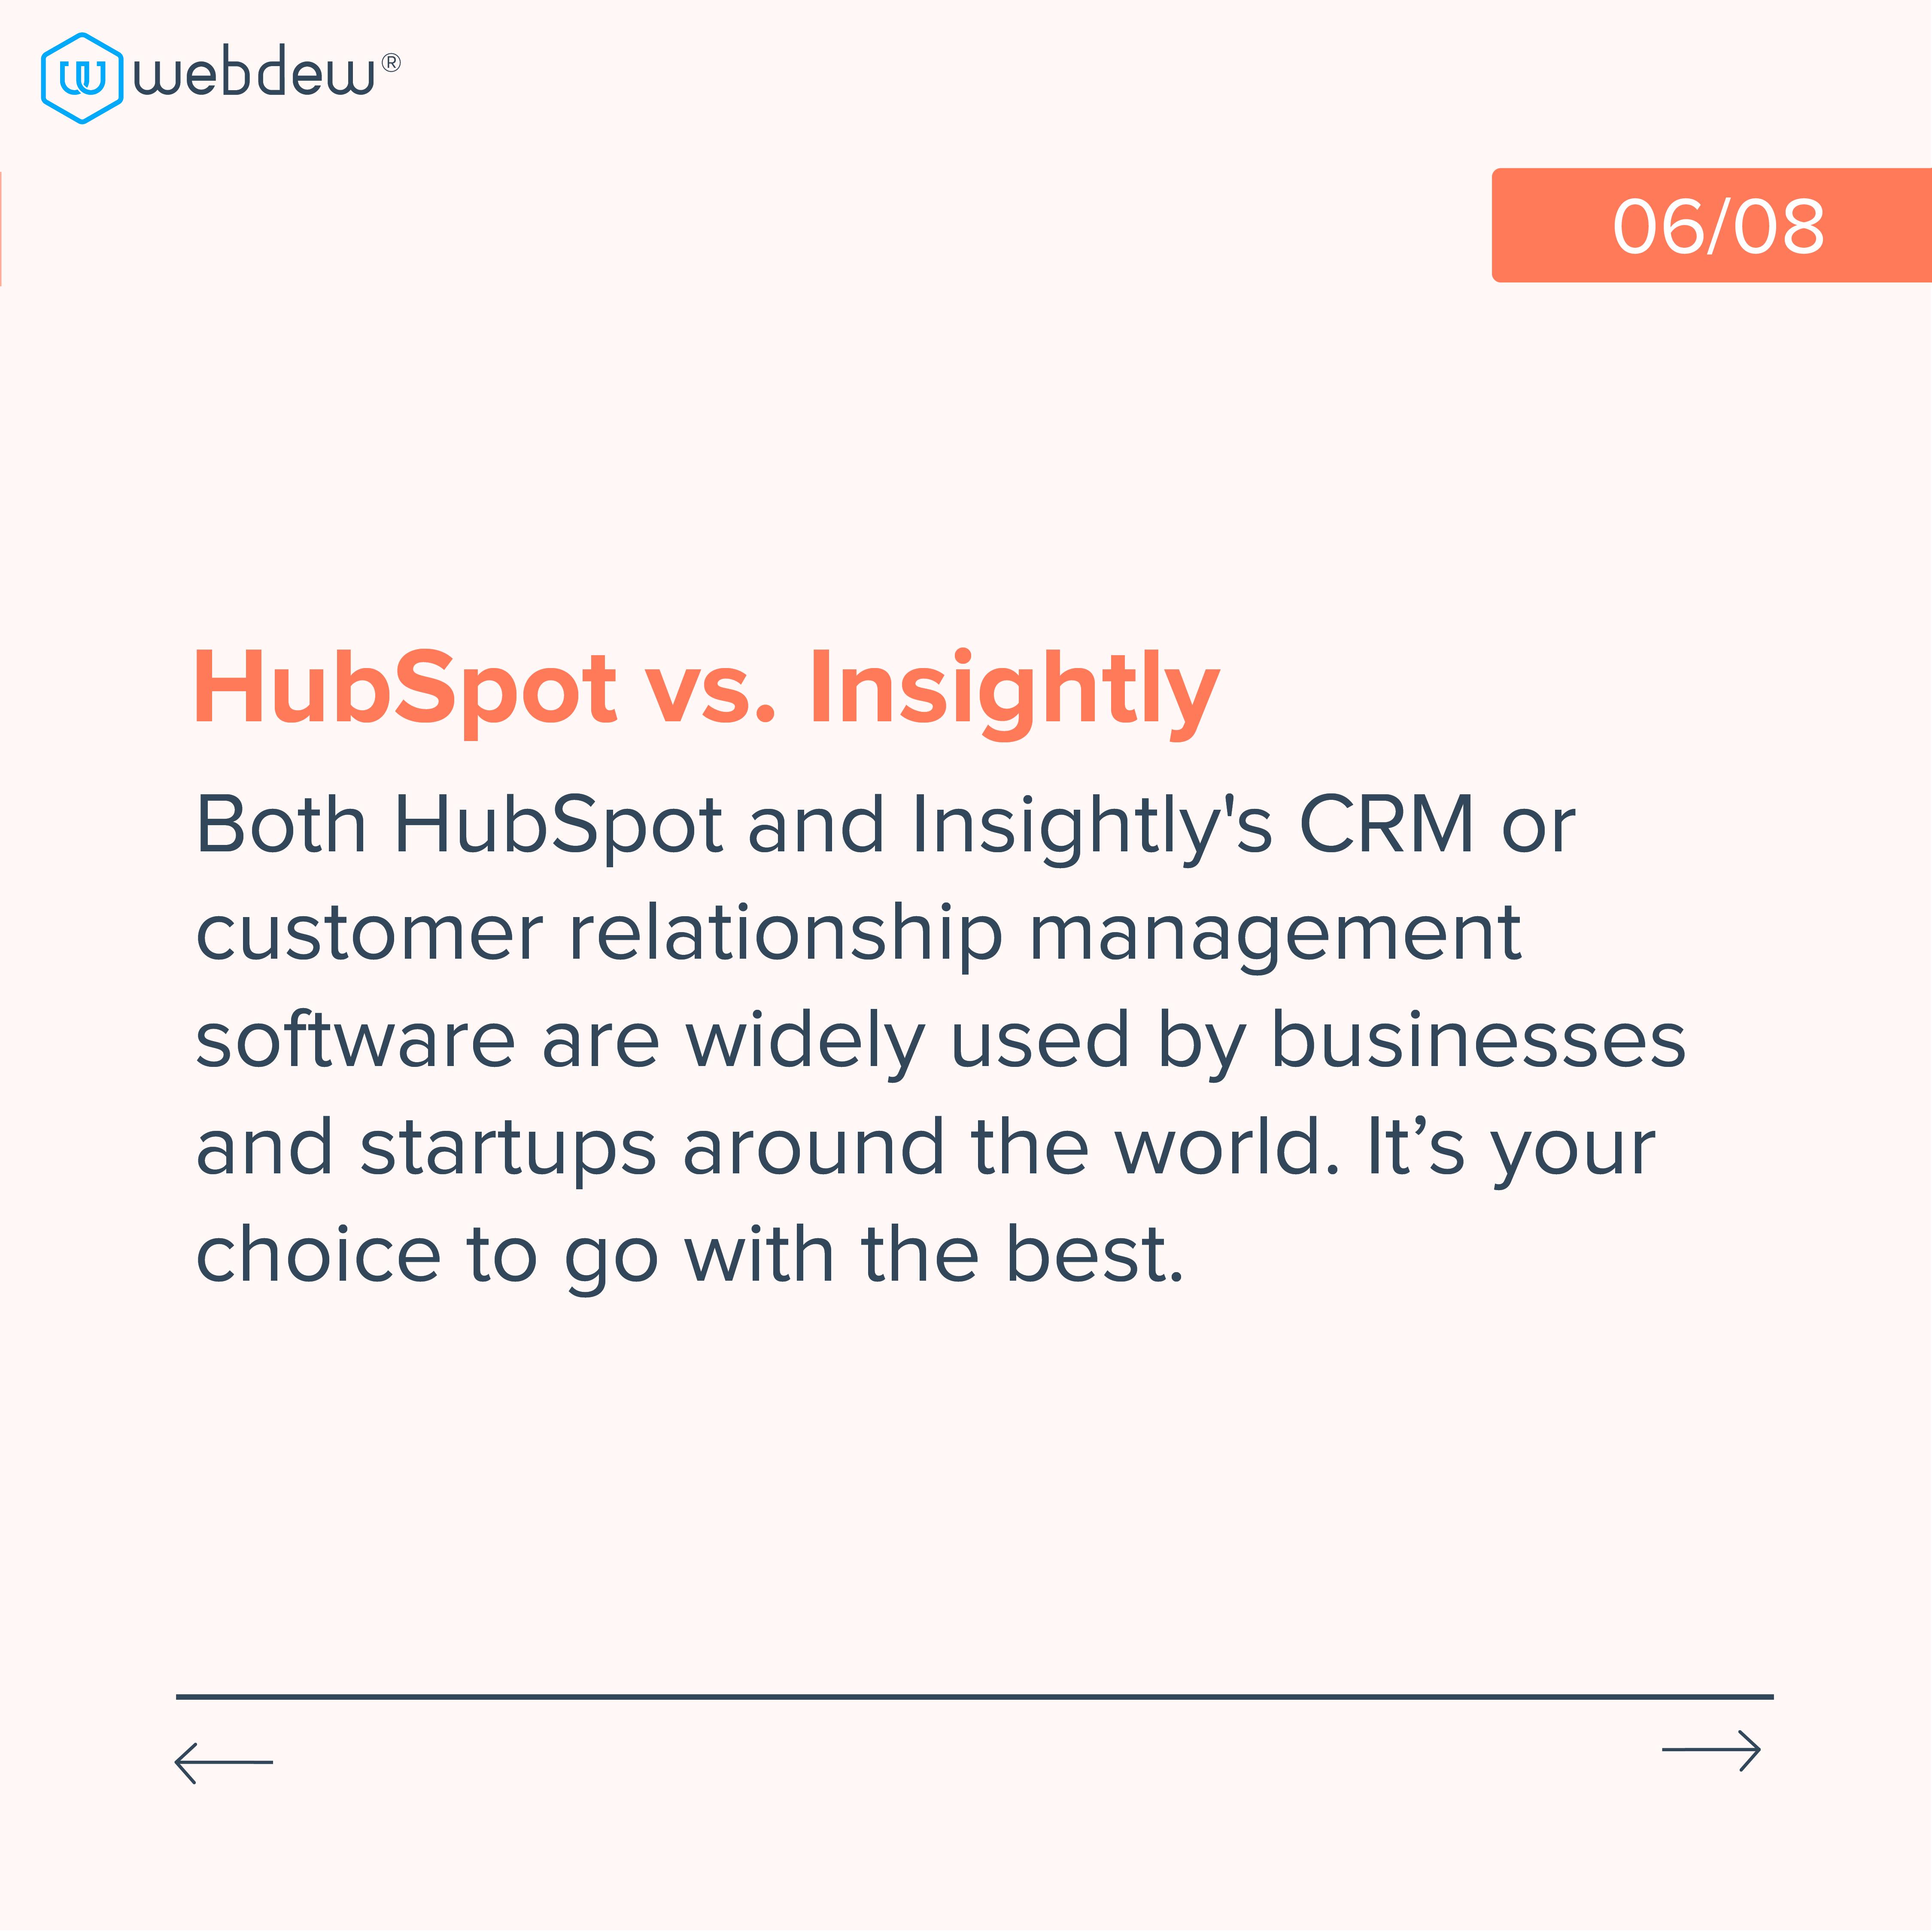 6. hubspot vs. insightly